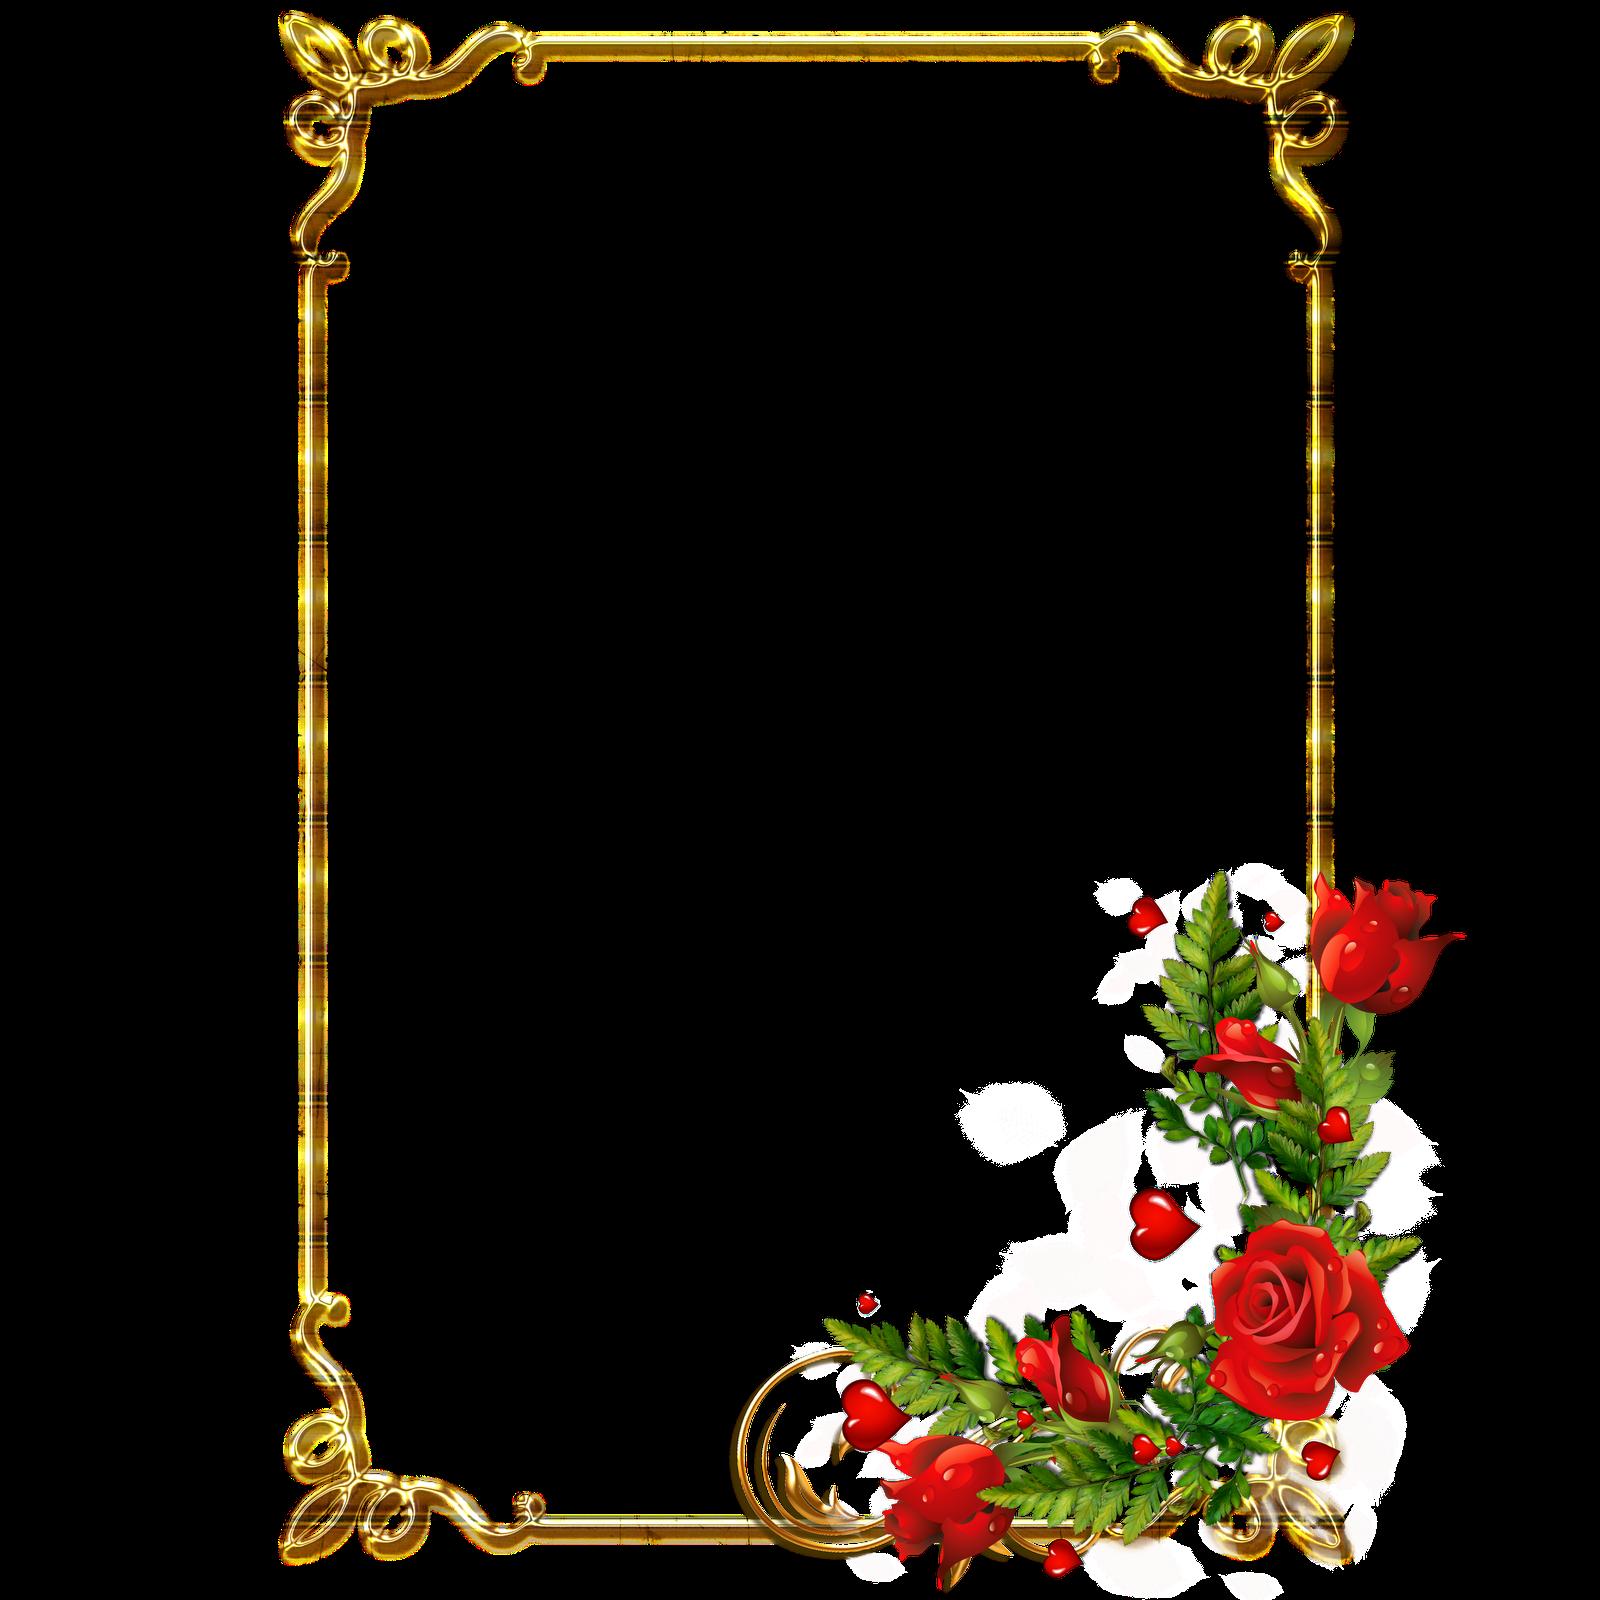 Картинки и рамки для поздравлений